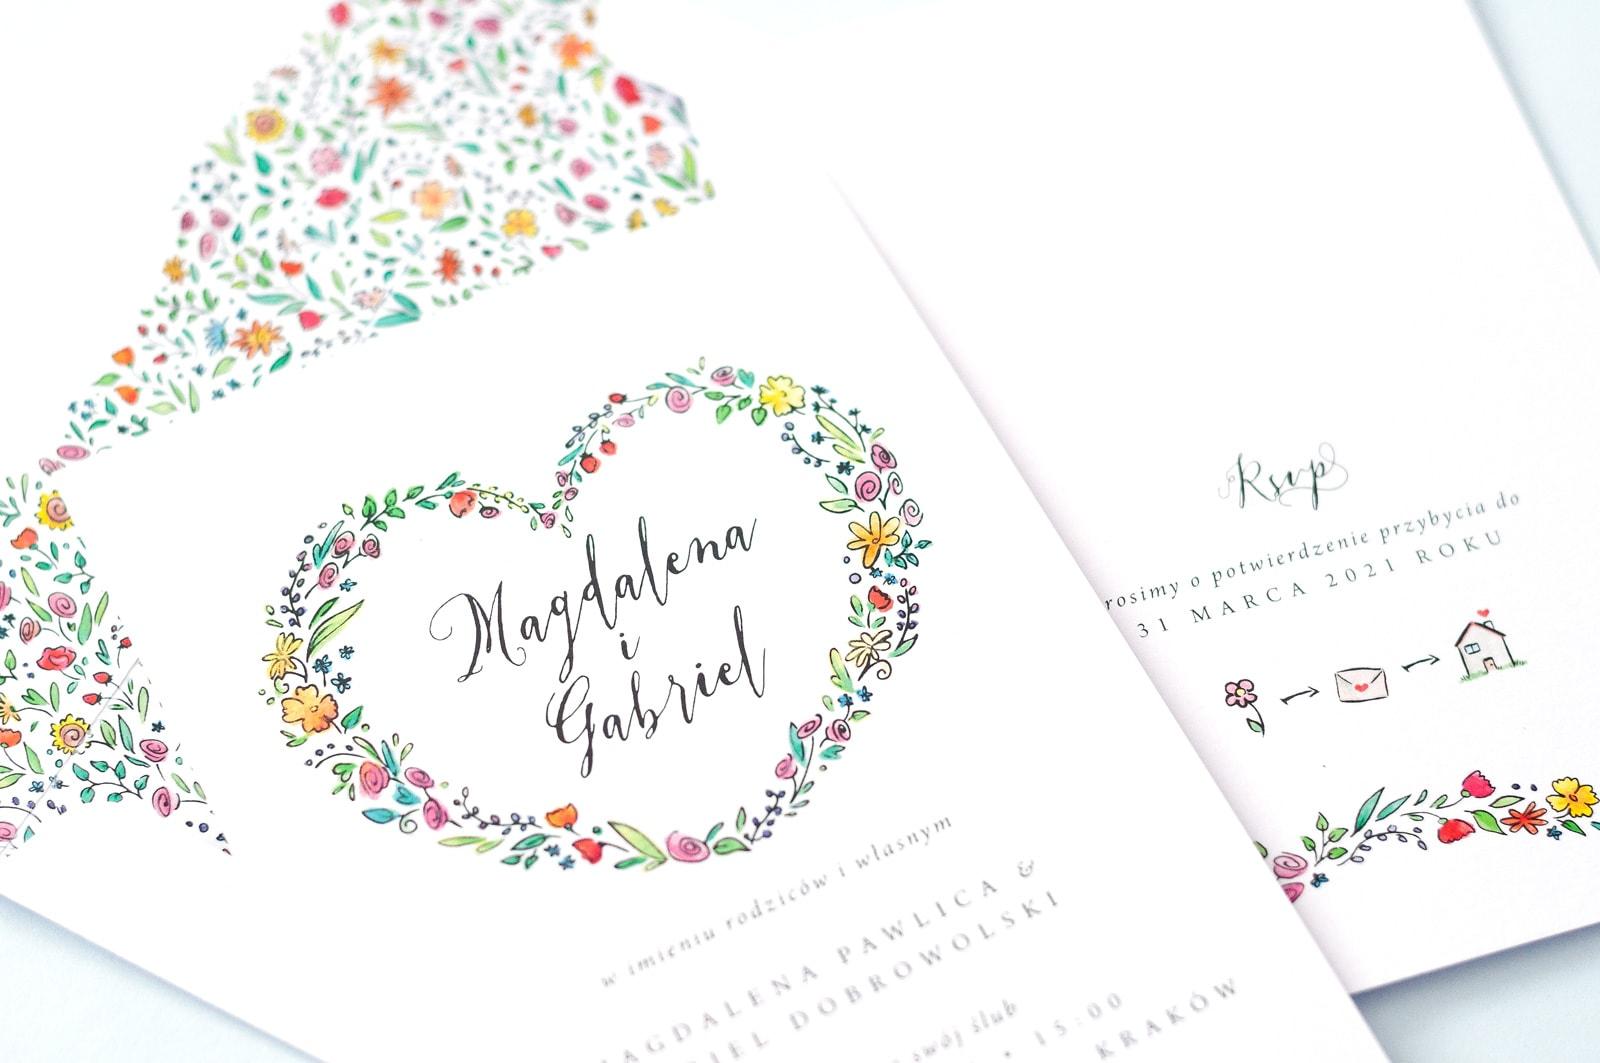 Kwiatowe zaproszenia na ślub wiosną, kolorowe kwiaty i kaligrafia